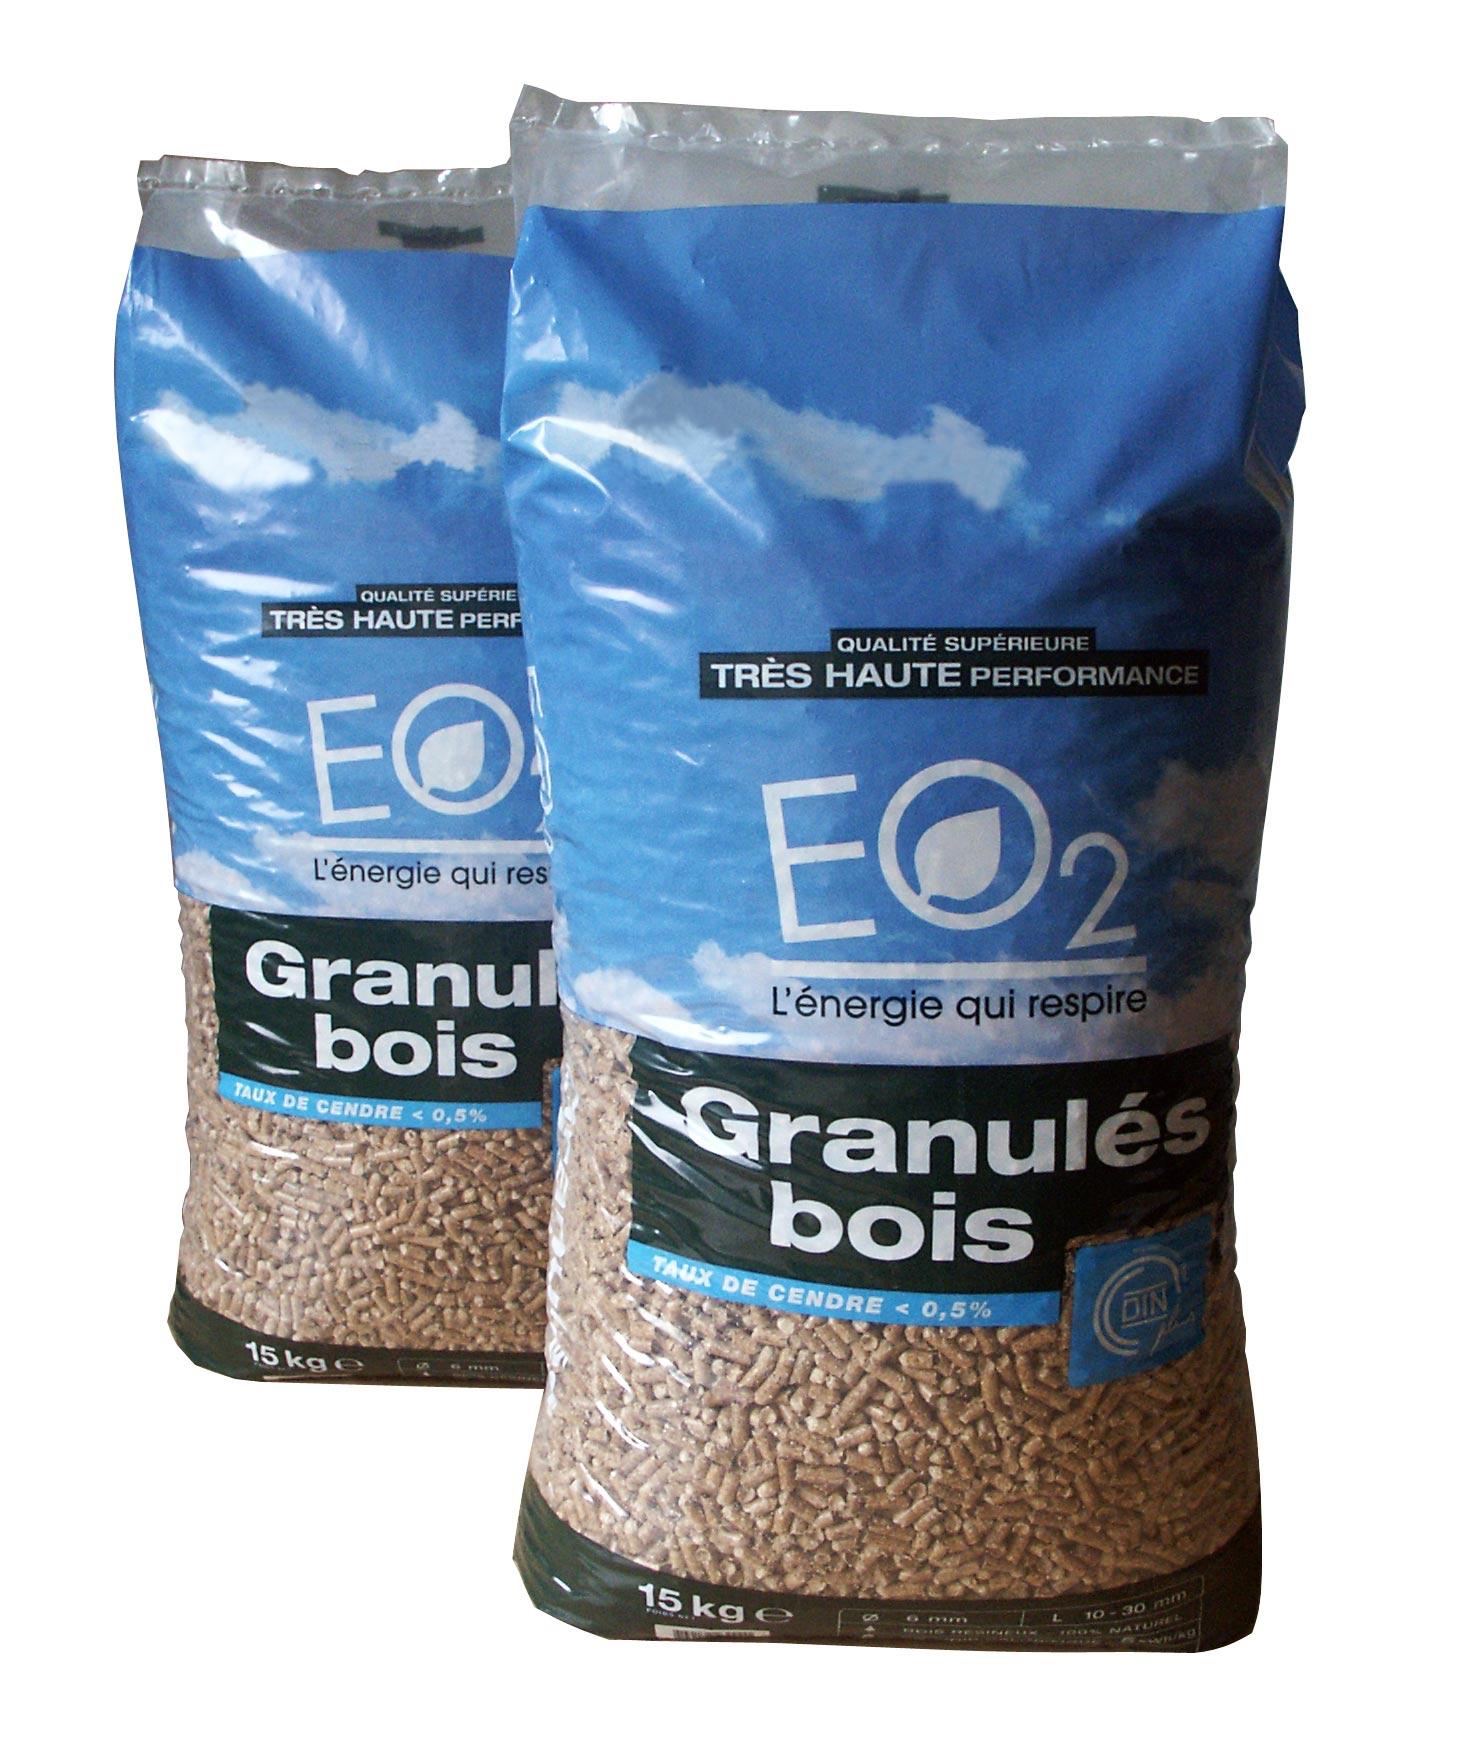 d063e8e9cc07a Granulés bois EO2 – sac 10 kg - DINplus | EO2